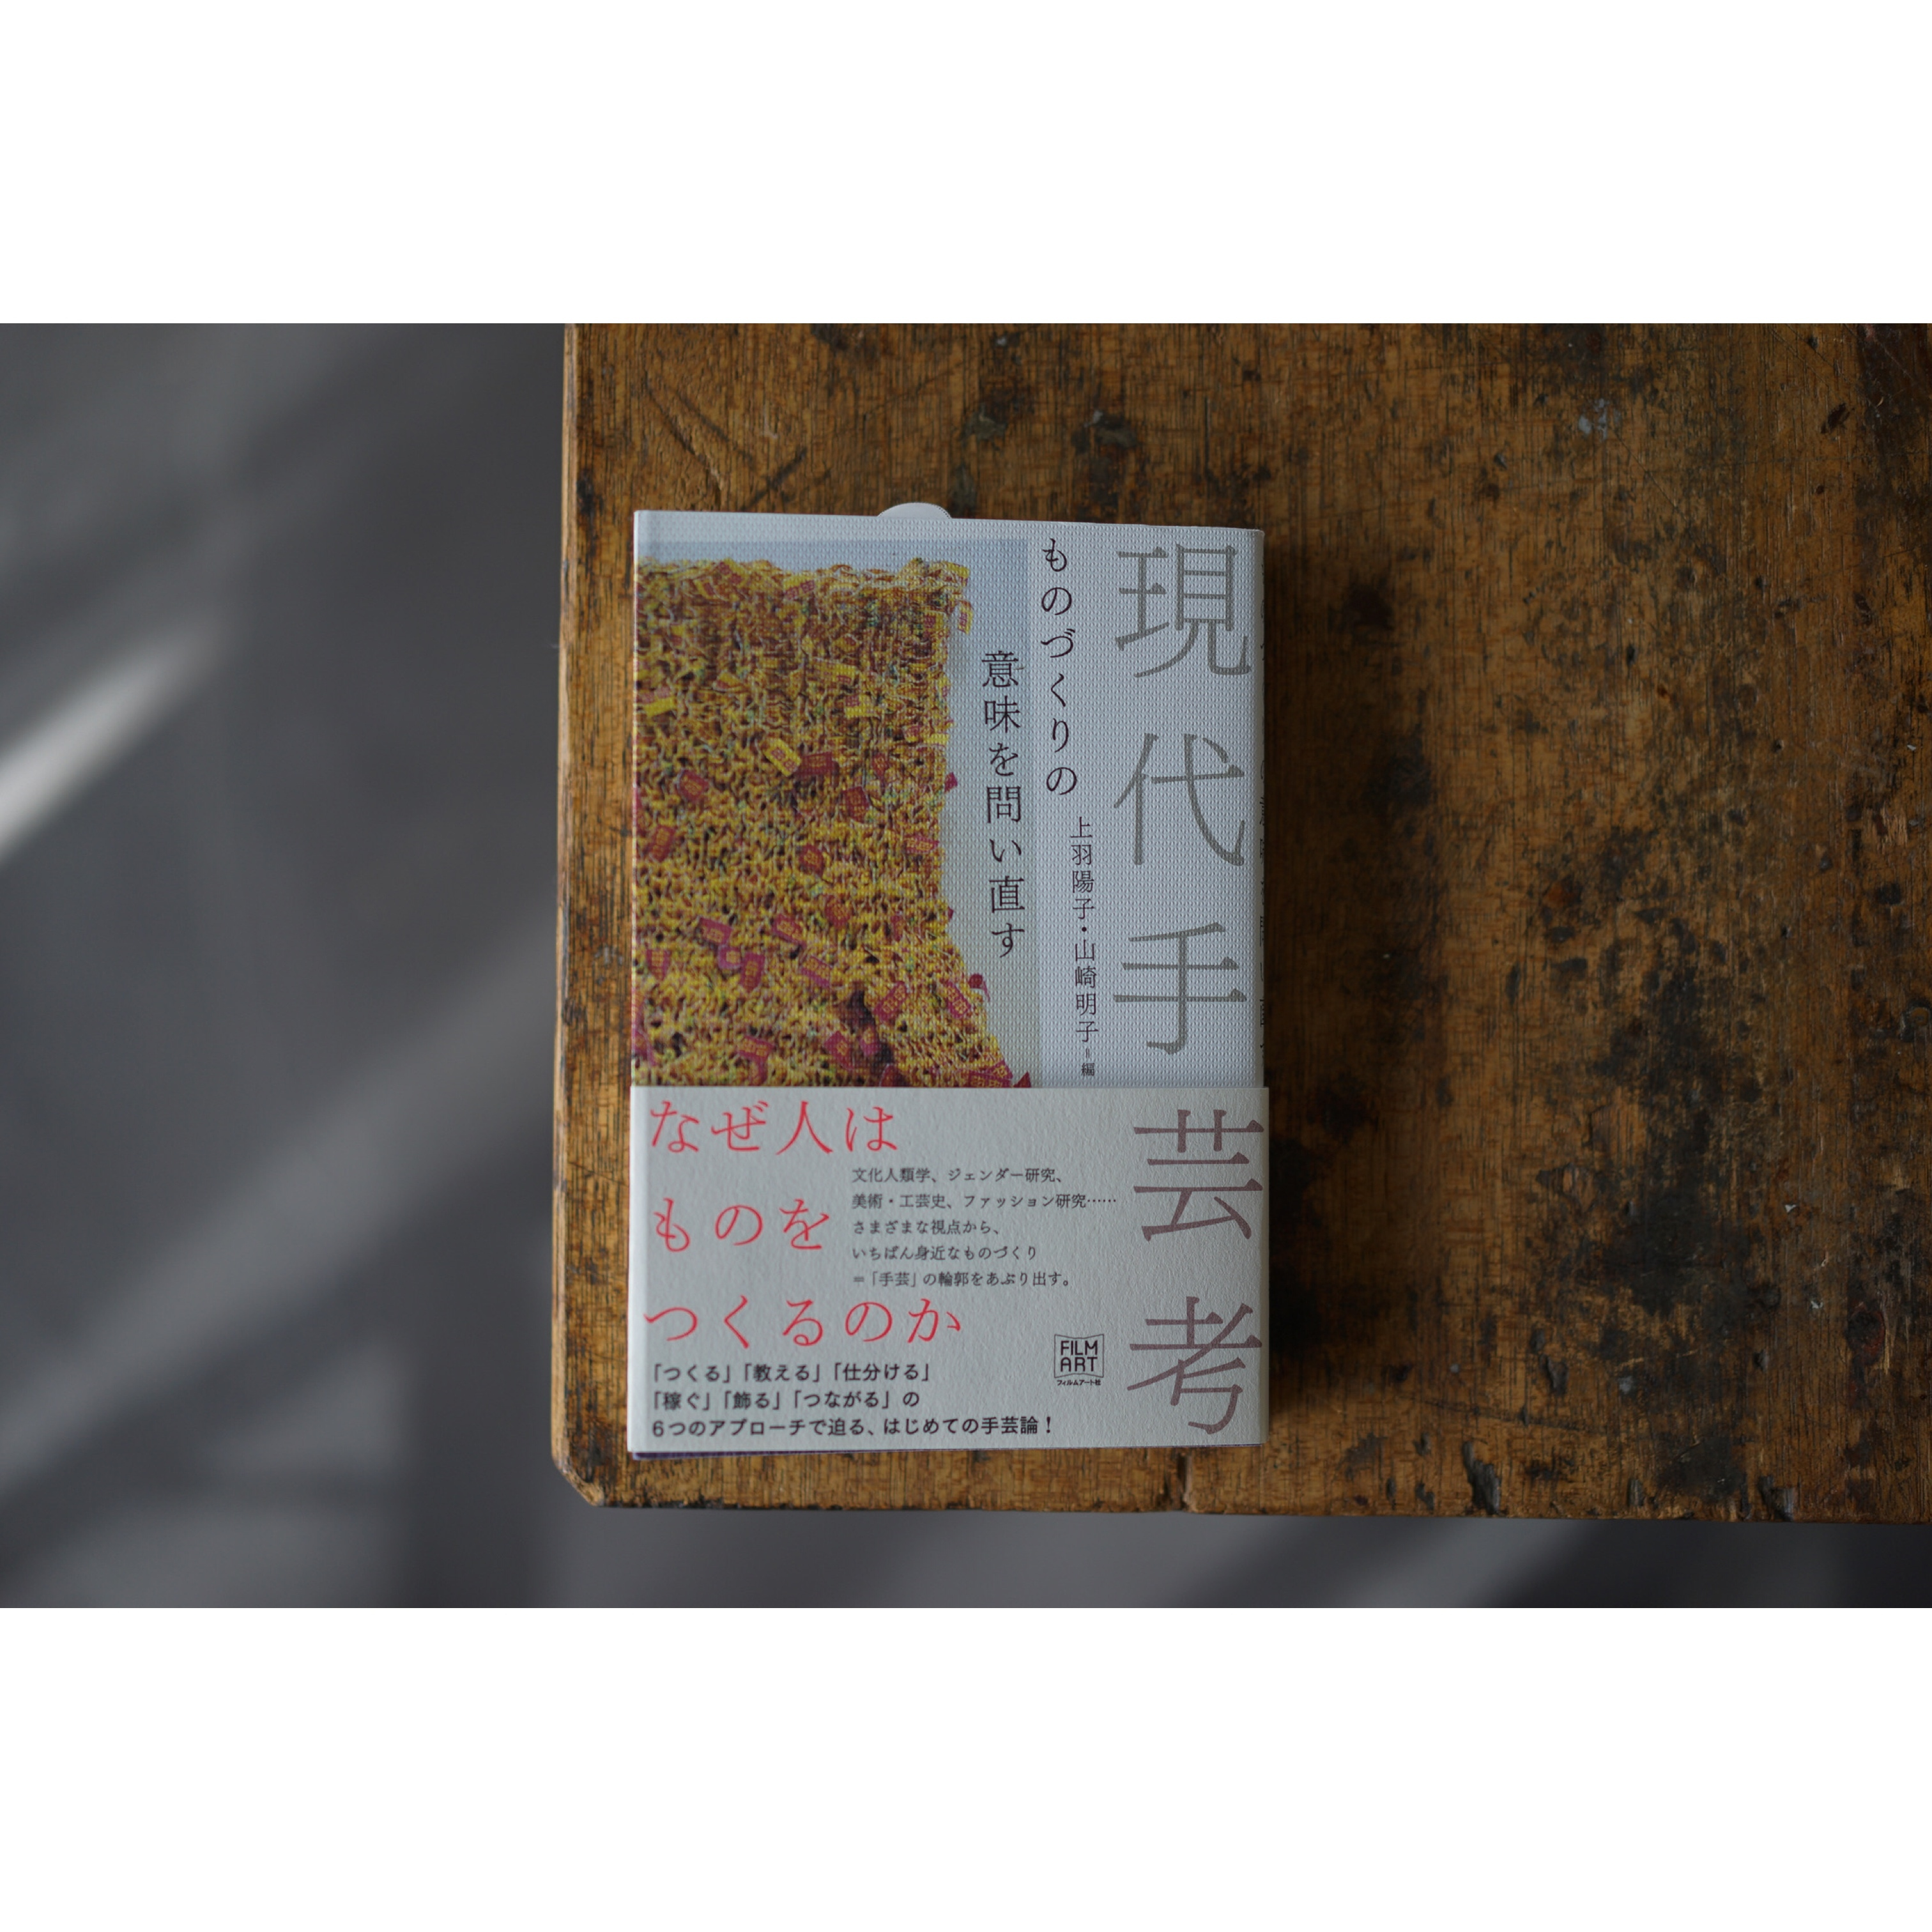 『現代手芸考  ものづくりの意味を問い直す』 上羽陽子 (フィルムアート社 2020)